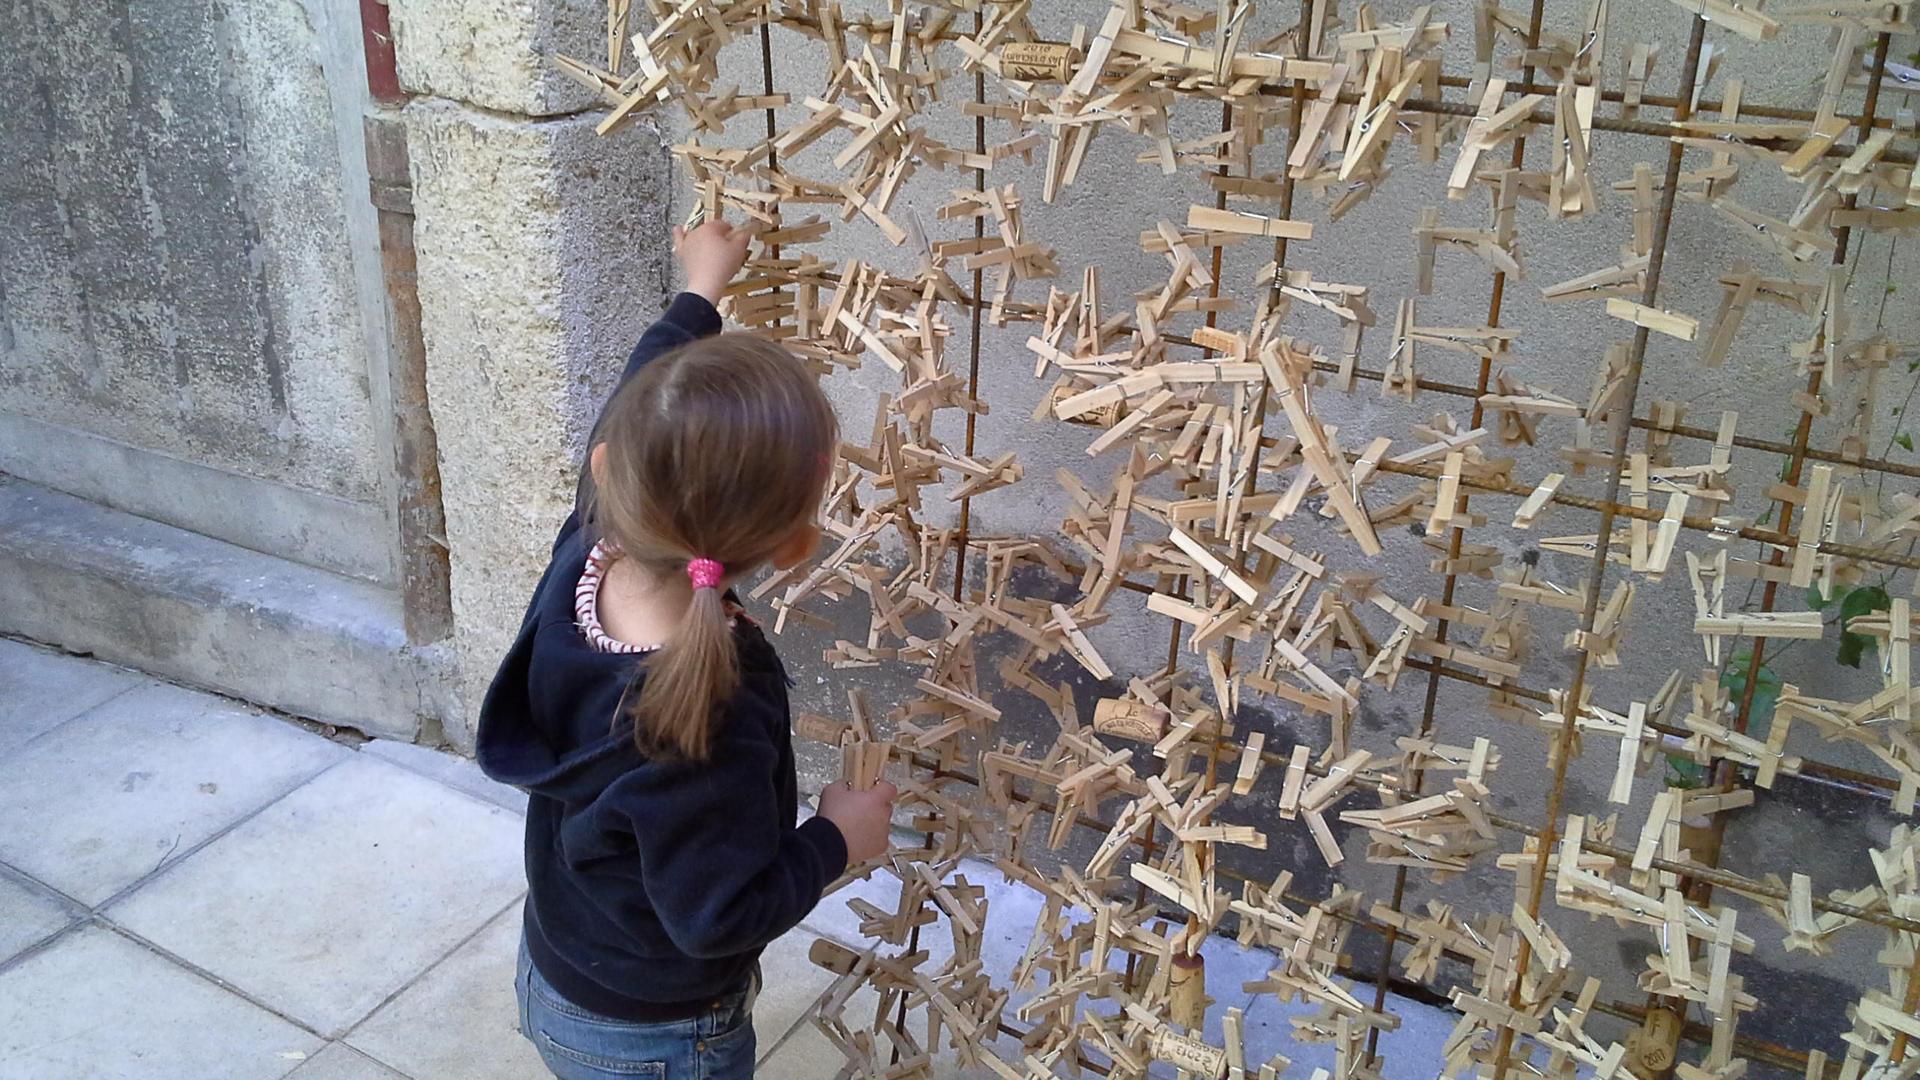 jeune fille jouant avec des fils couverts de pinces à linge